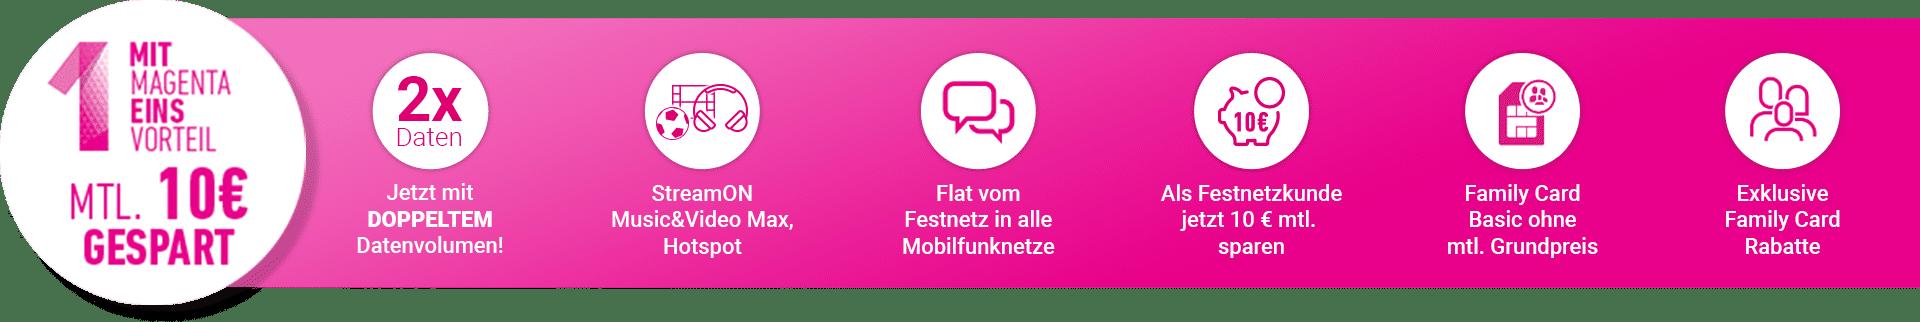 Telekom Handy Zum Spitzenpreis